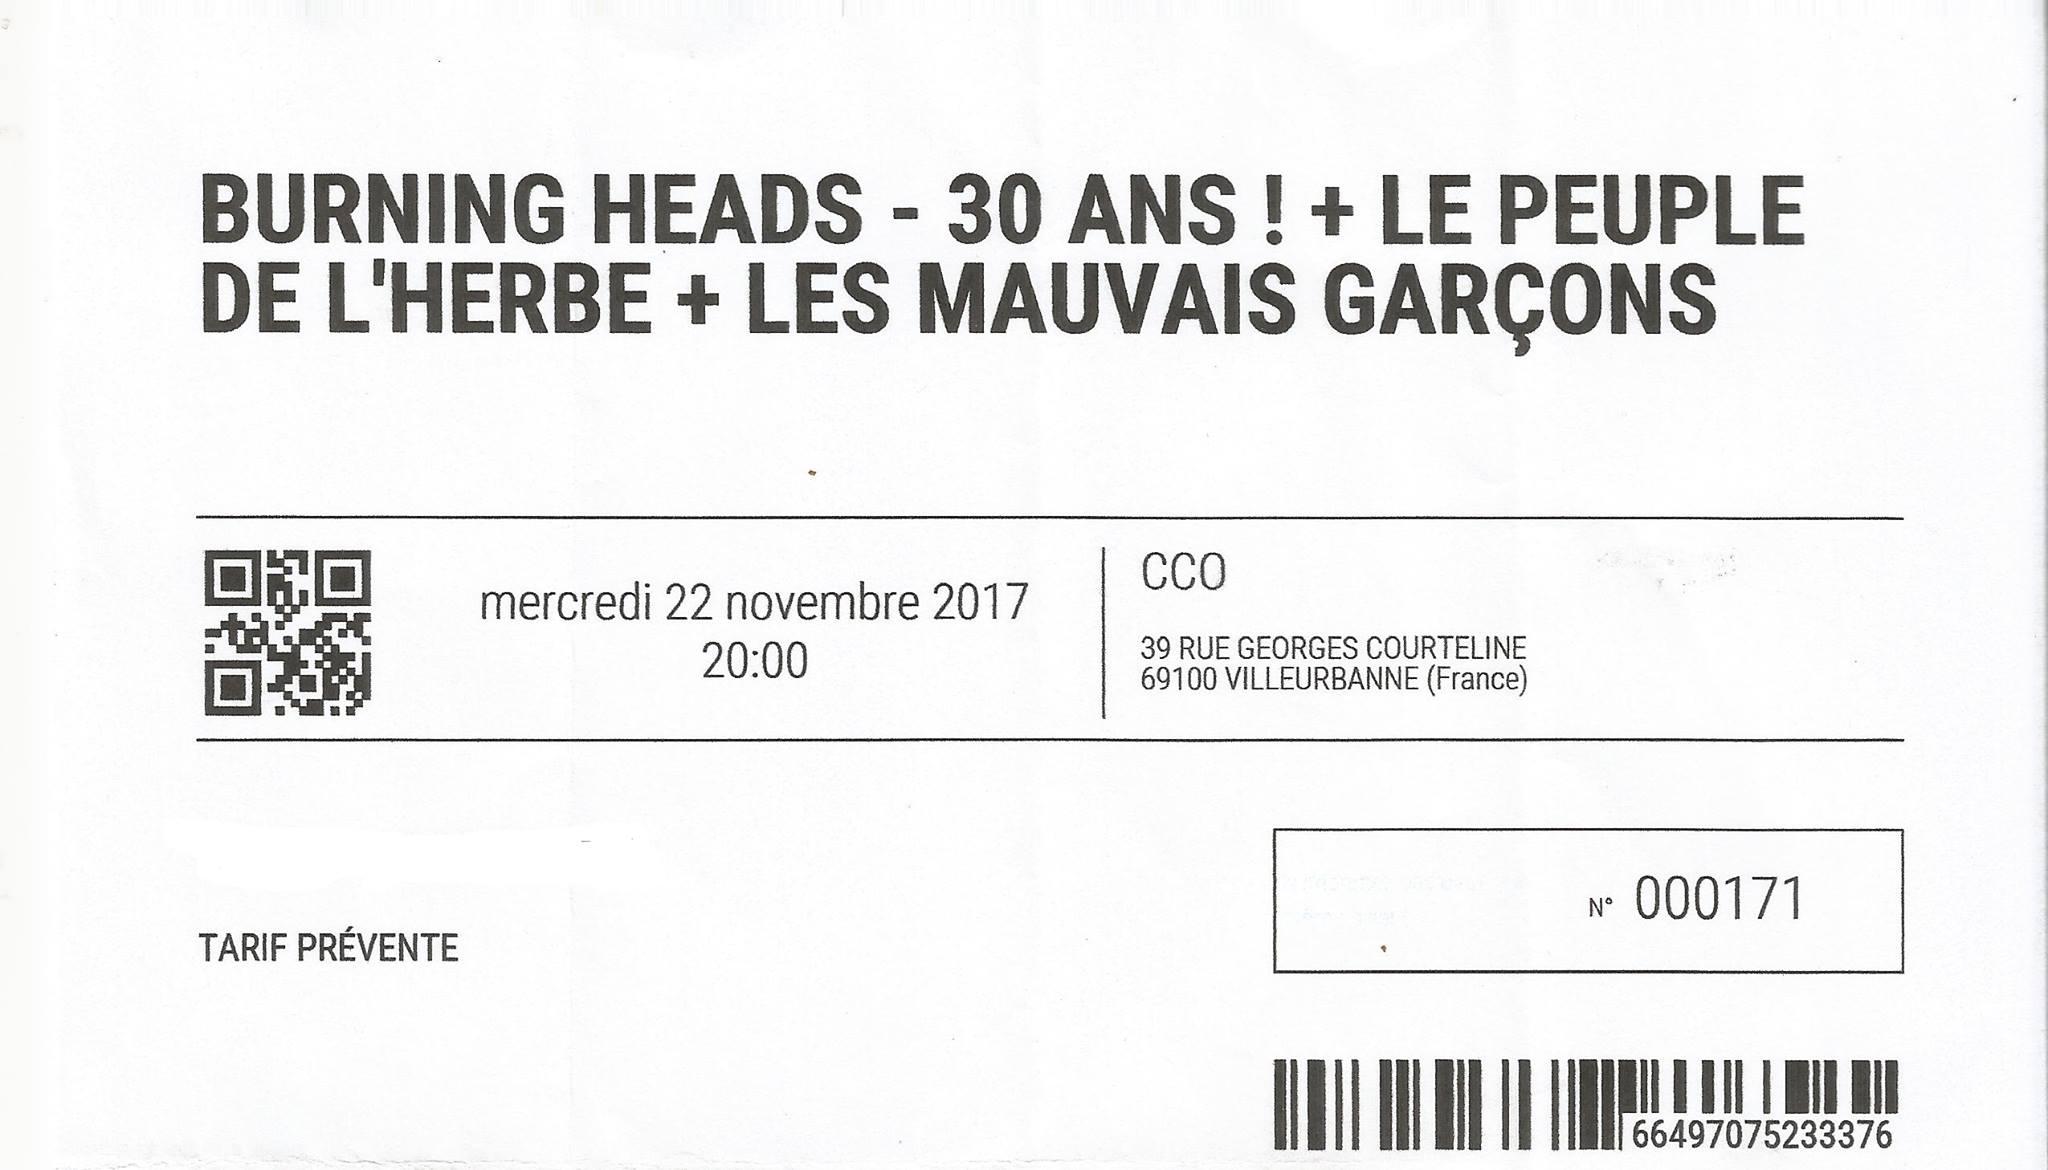 """22 novembre 2017 Burning Heads, Le Peuple de l'Herbe, Les Mauvais Garçons à Villeurbanne """"CCO"""""""